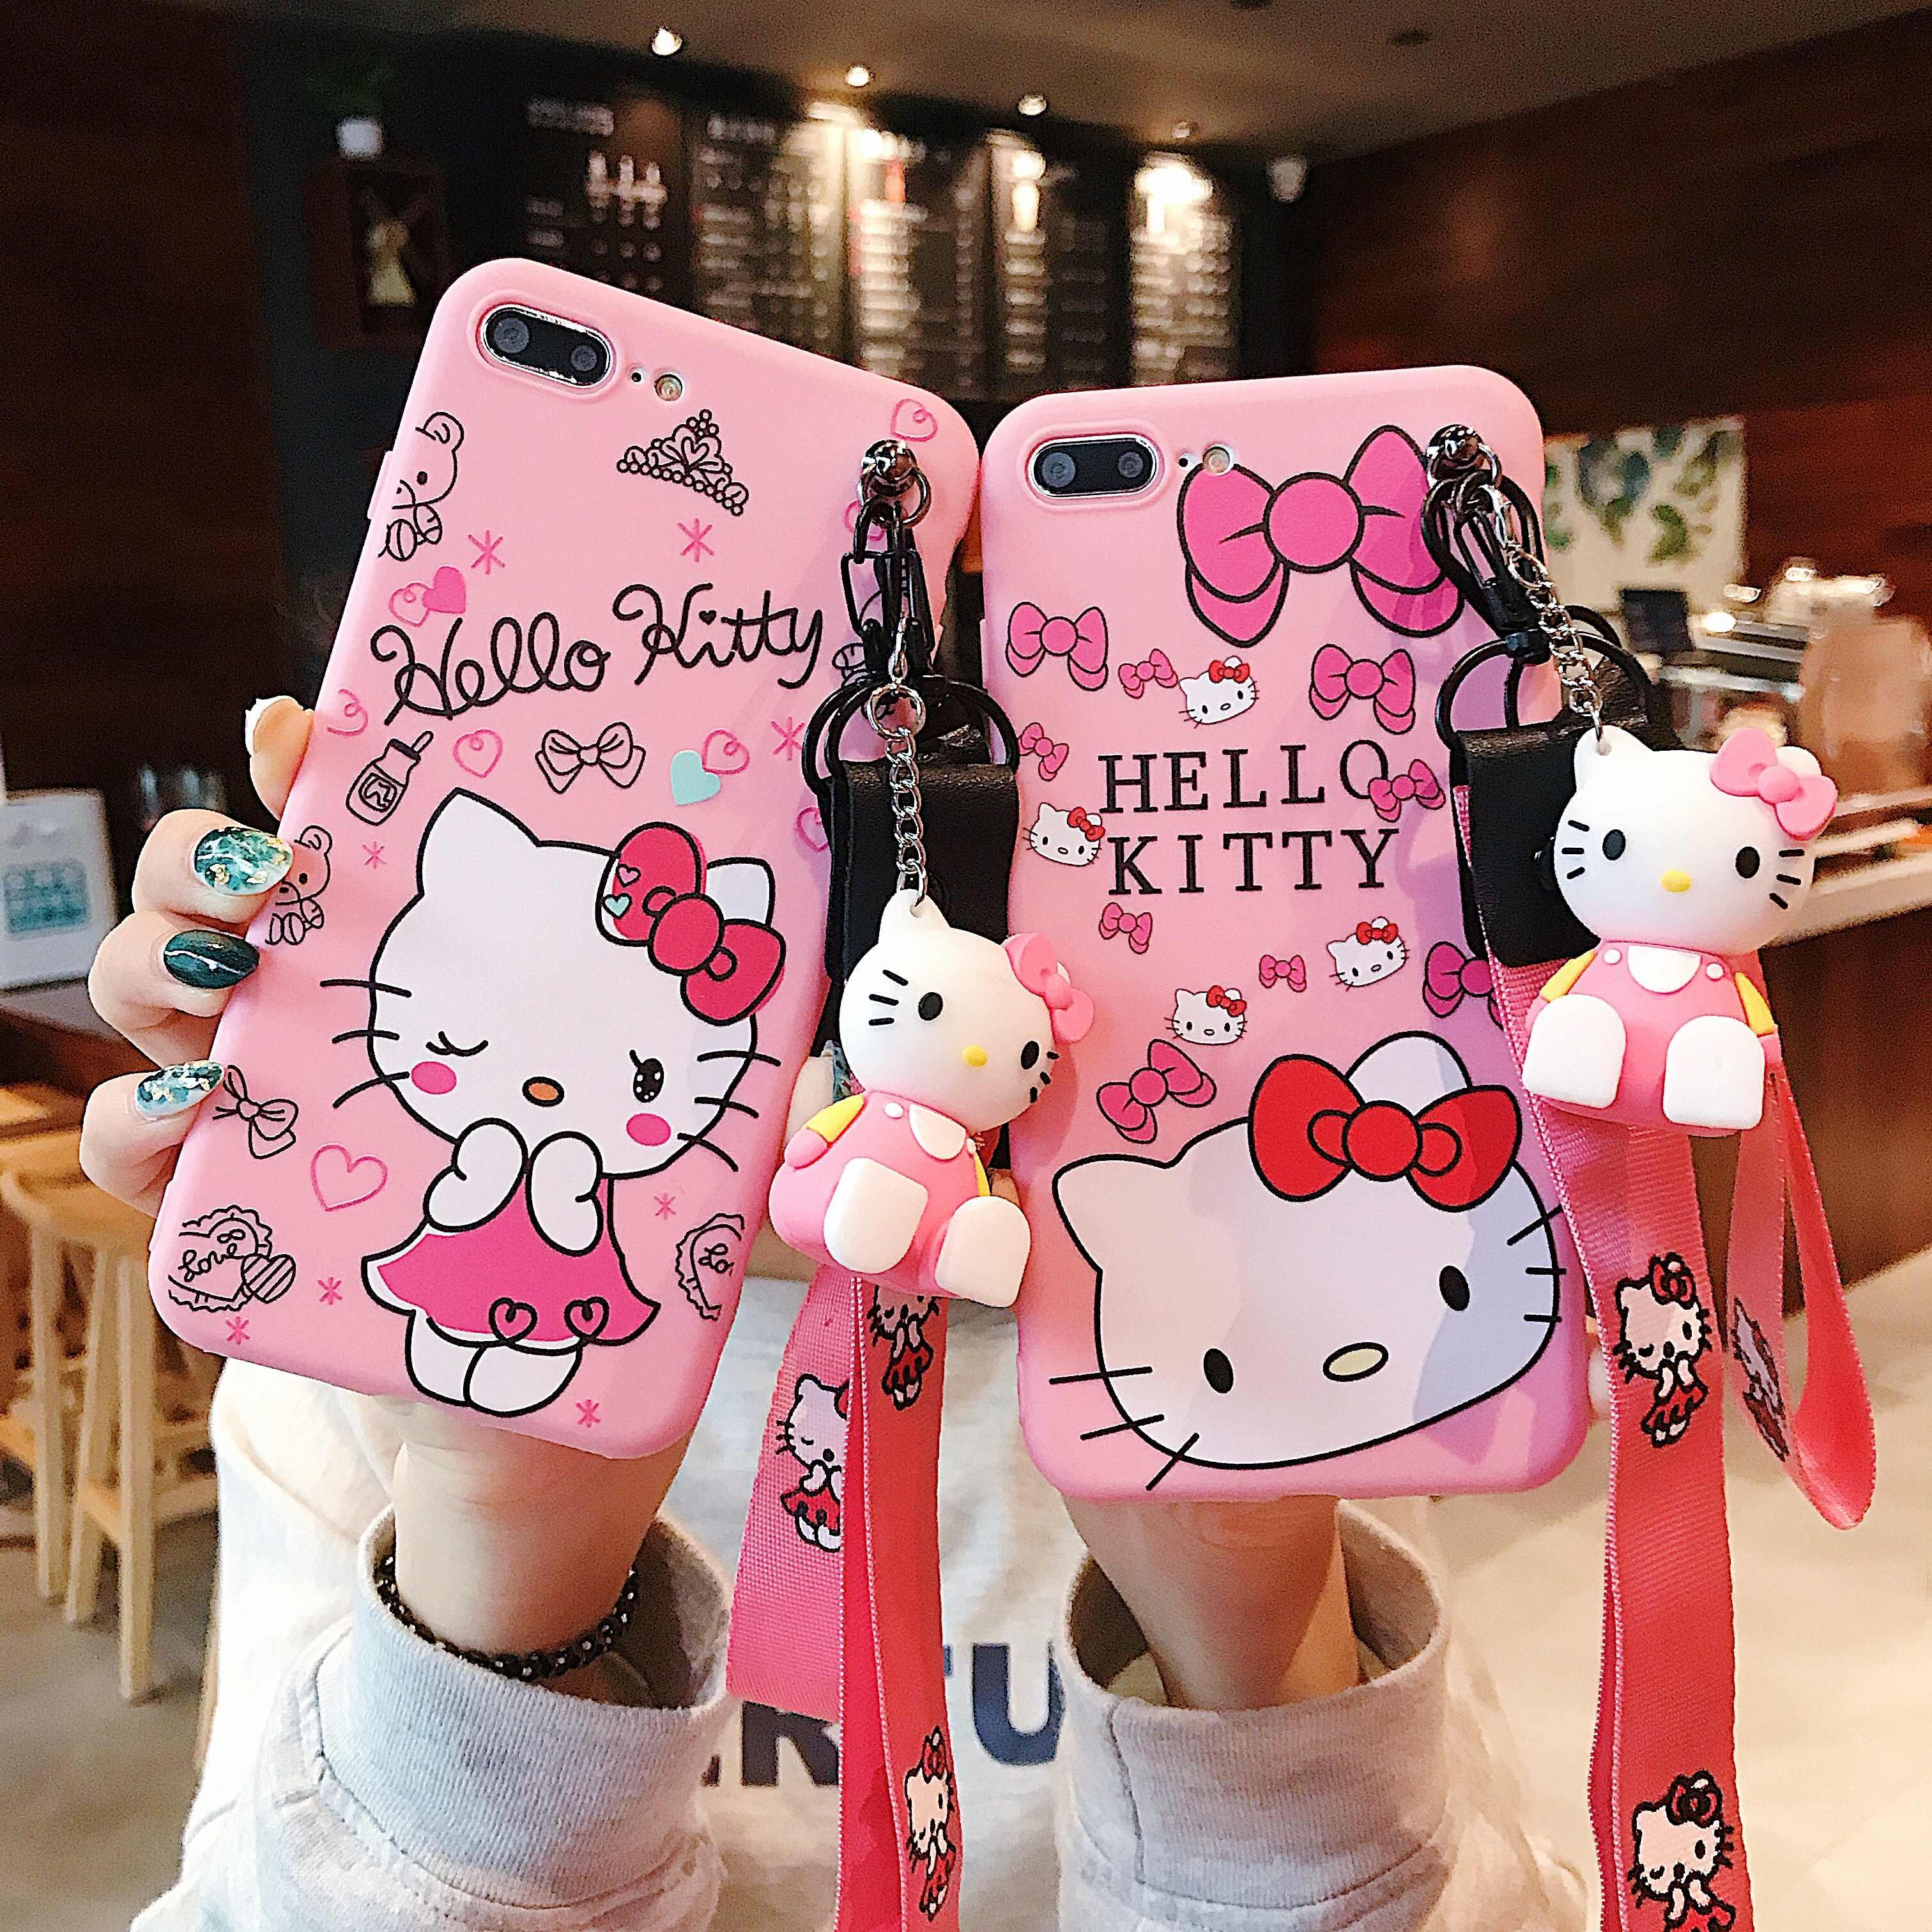 3D lindo suave Hello Kitty animales silicona teléfono estuche con cordón soporte para Samsung A50 A40 A30 A20 A70 A80 A10 S10e Plus